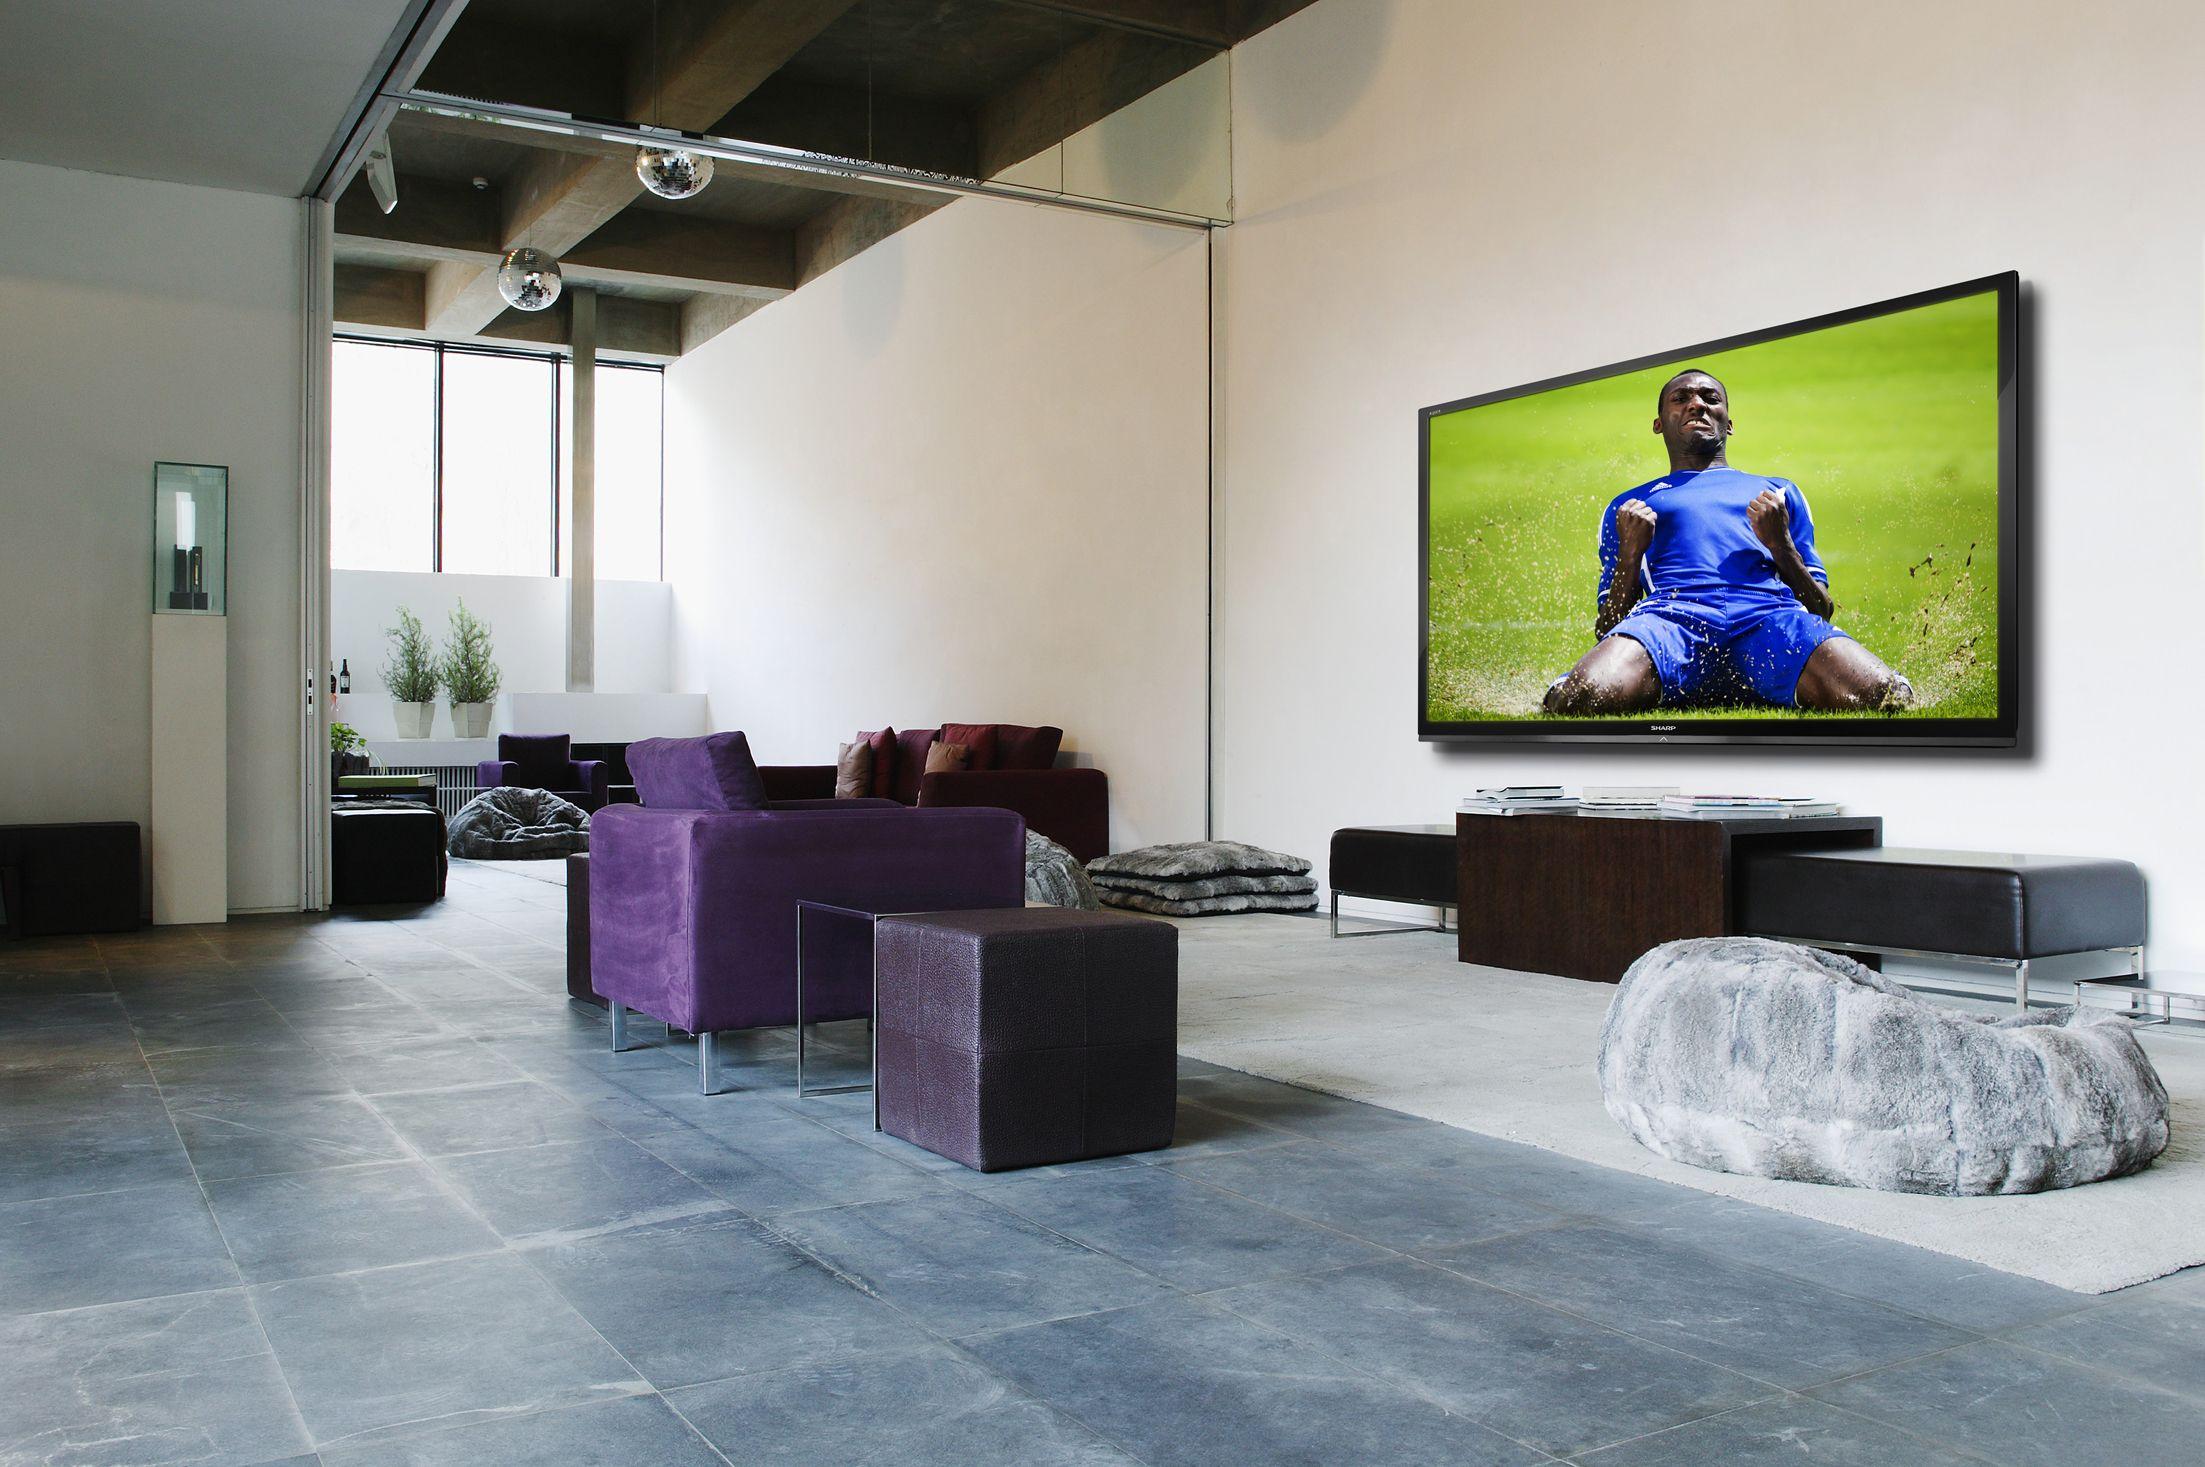 Tv kopen welk formaat kies ik best - Televisie suspendue mur ...